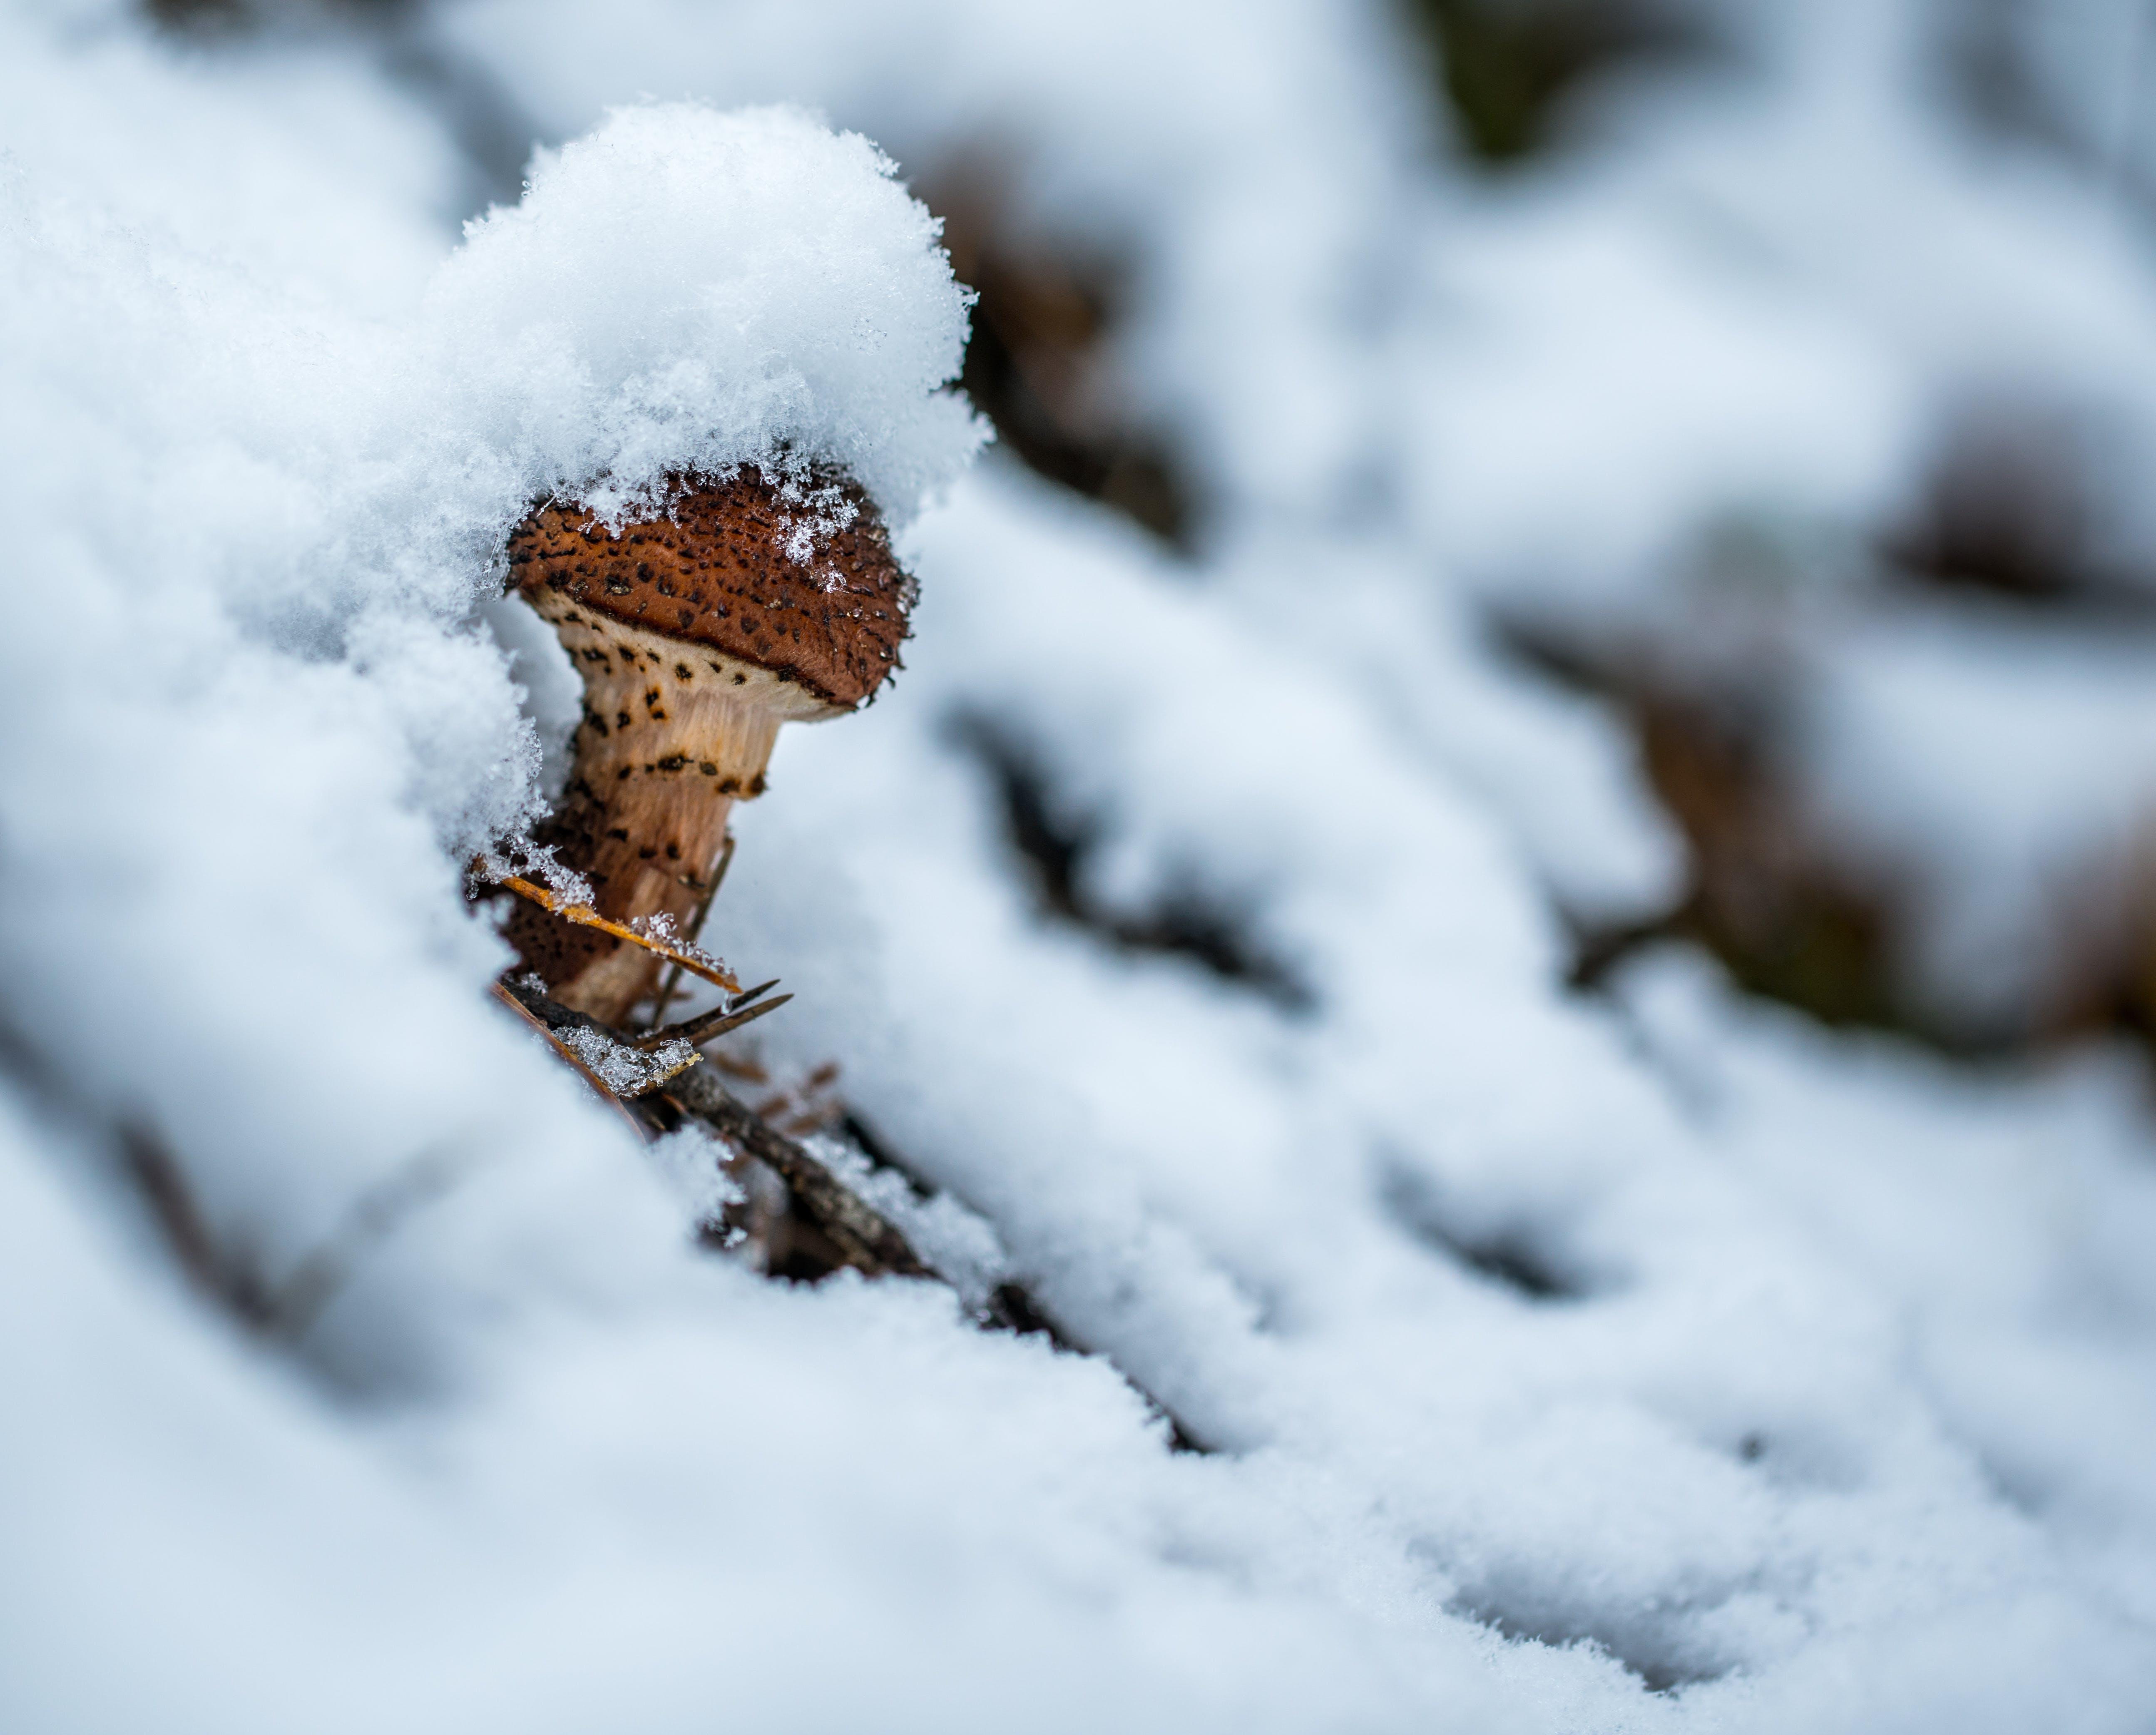 キノコ, コールド, シーズン, スノーフレークの無料の写真素材